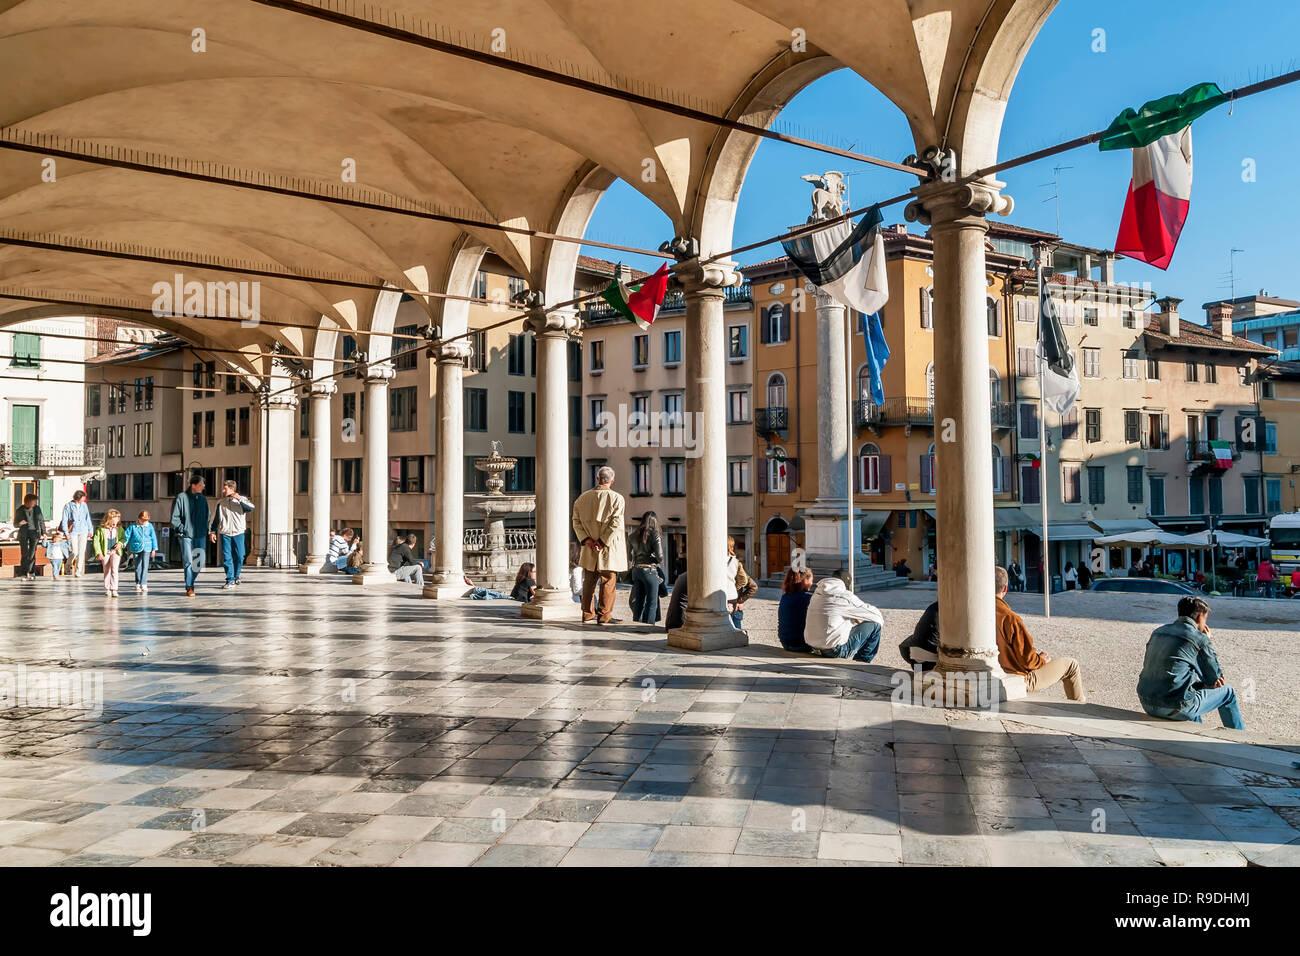 The beautiful Loggia di San Giovanni in the historic center of Udine, Friuli Venezia Giulia, Italy Stock Photo